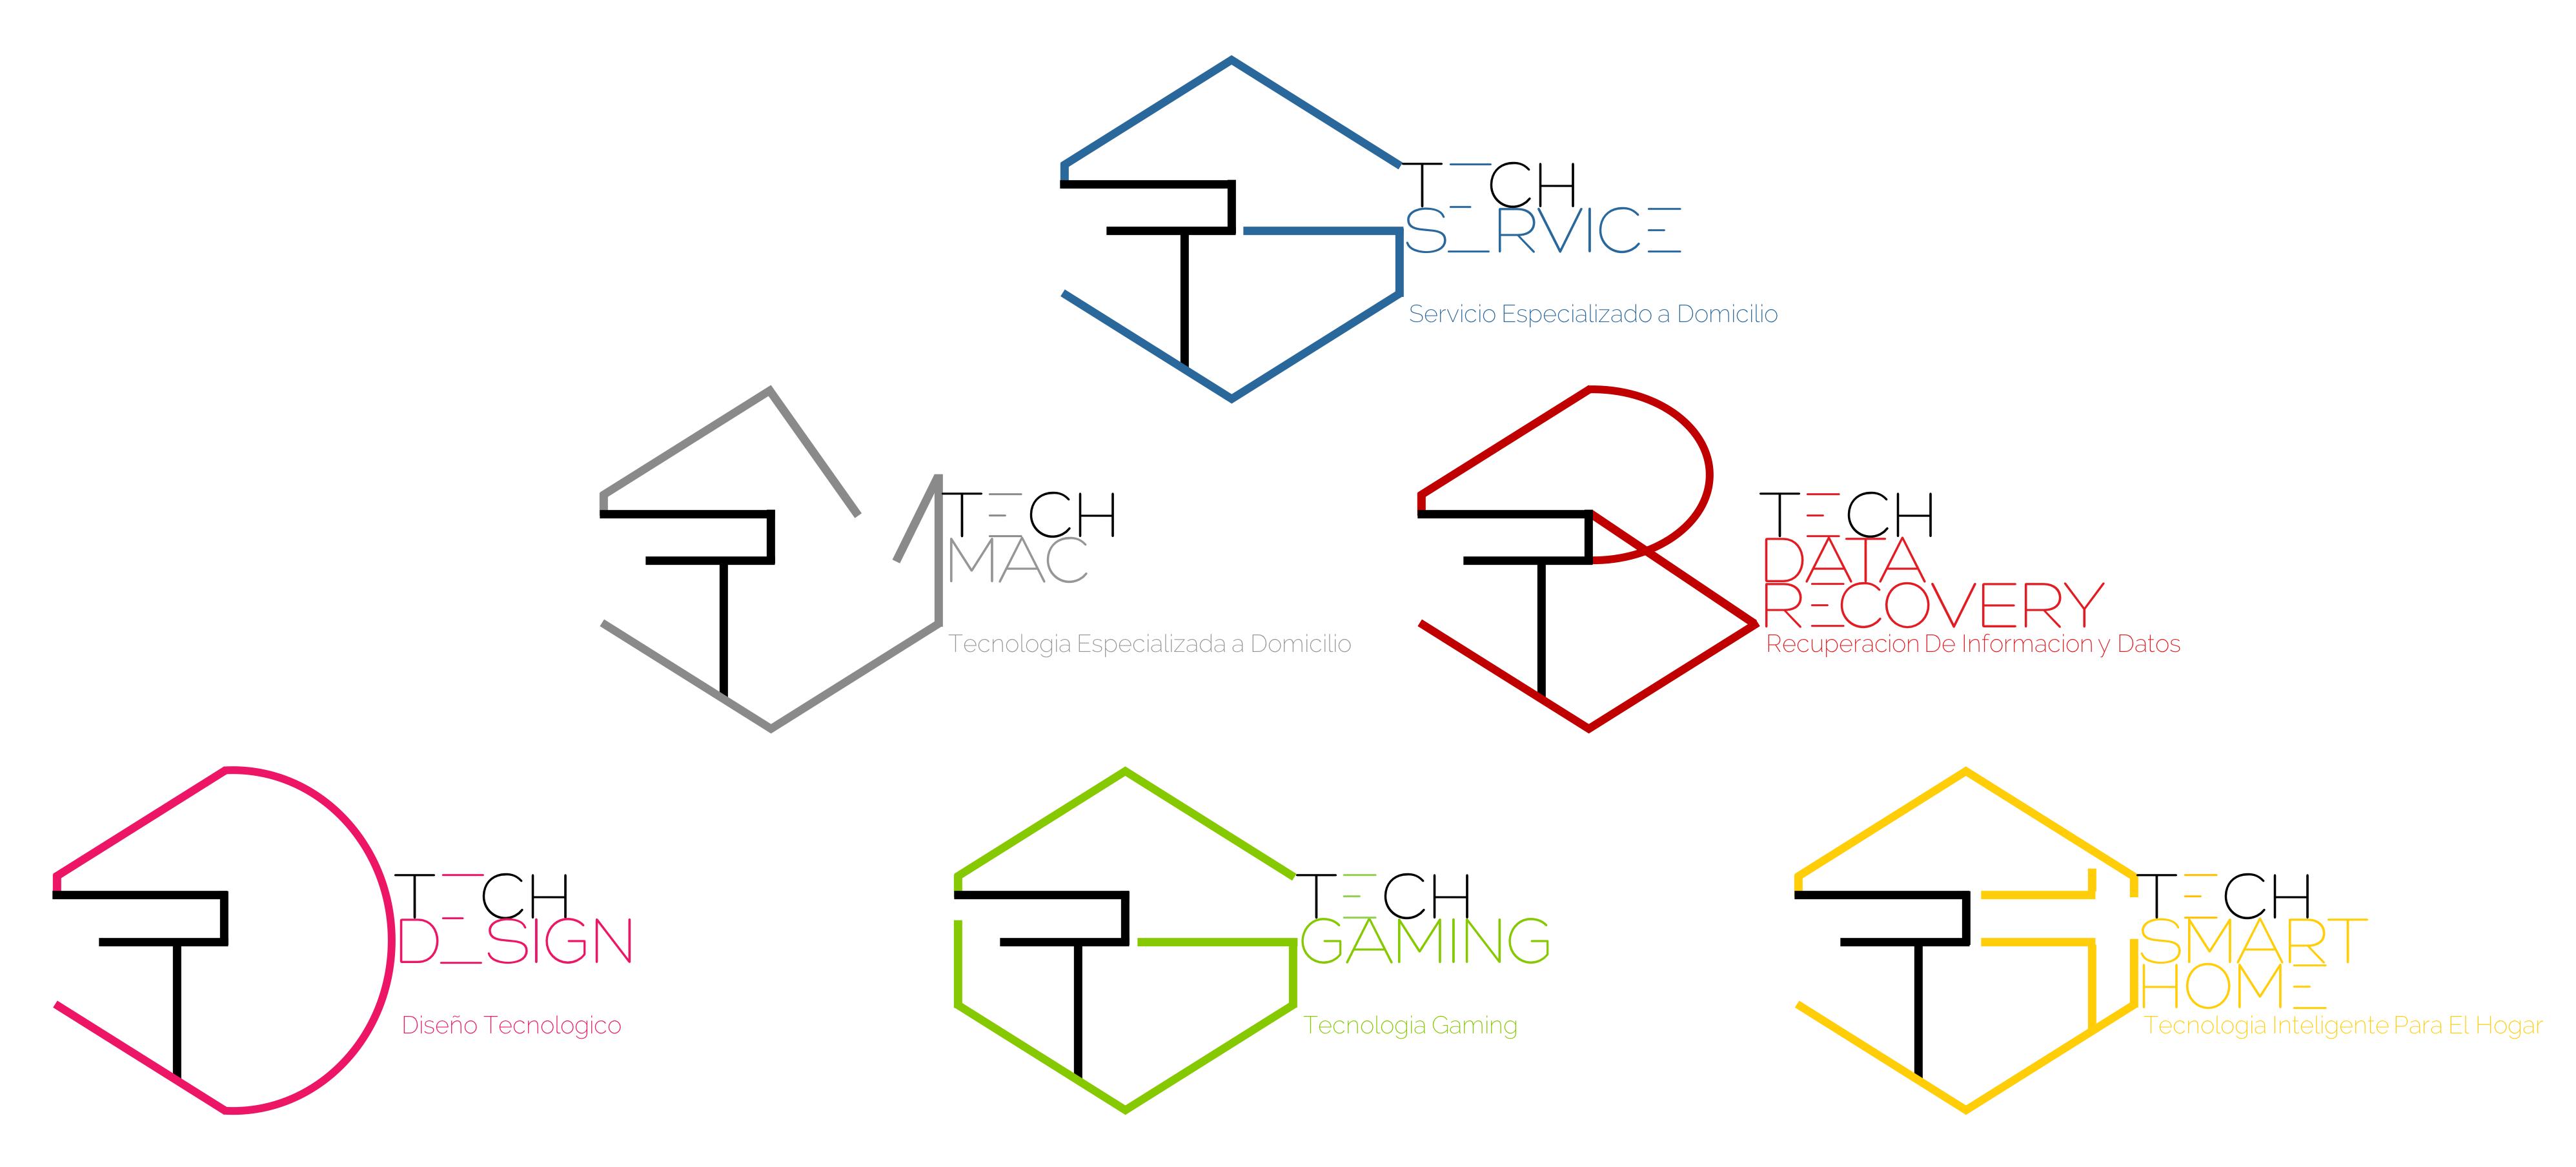 tech solutions group soluciones tecnologicas a domicilio reparacion computadoras escritorio pc  [ 3991 x 1808 Pixel ]